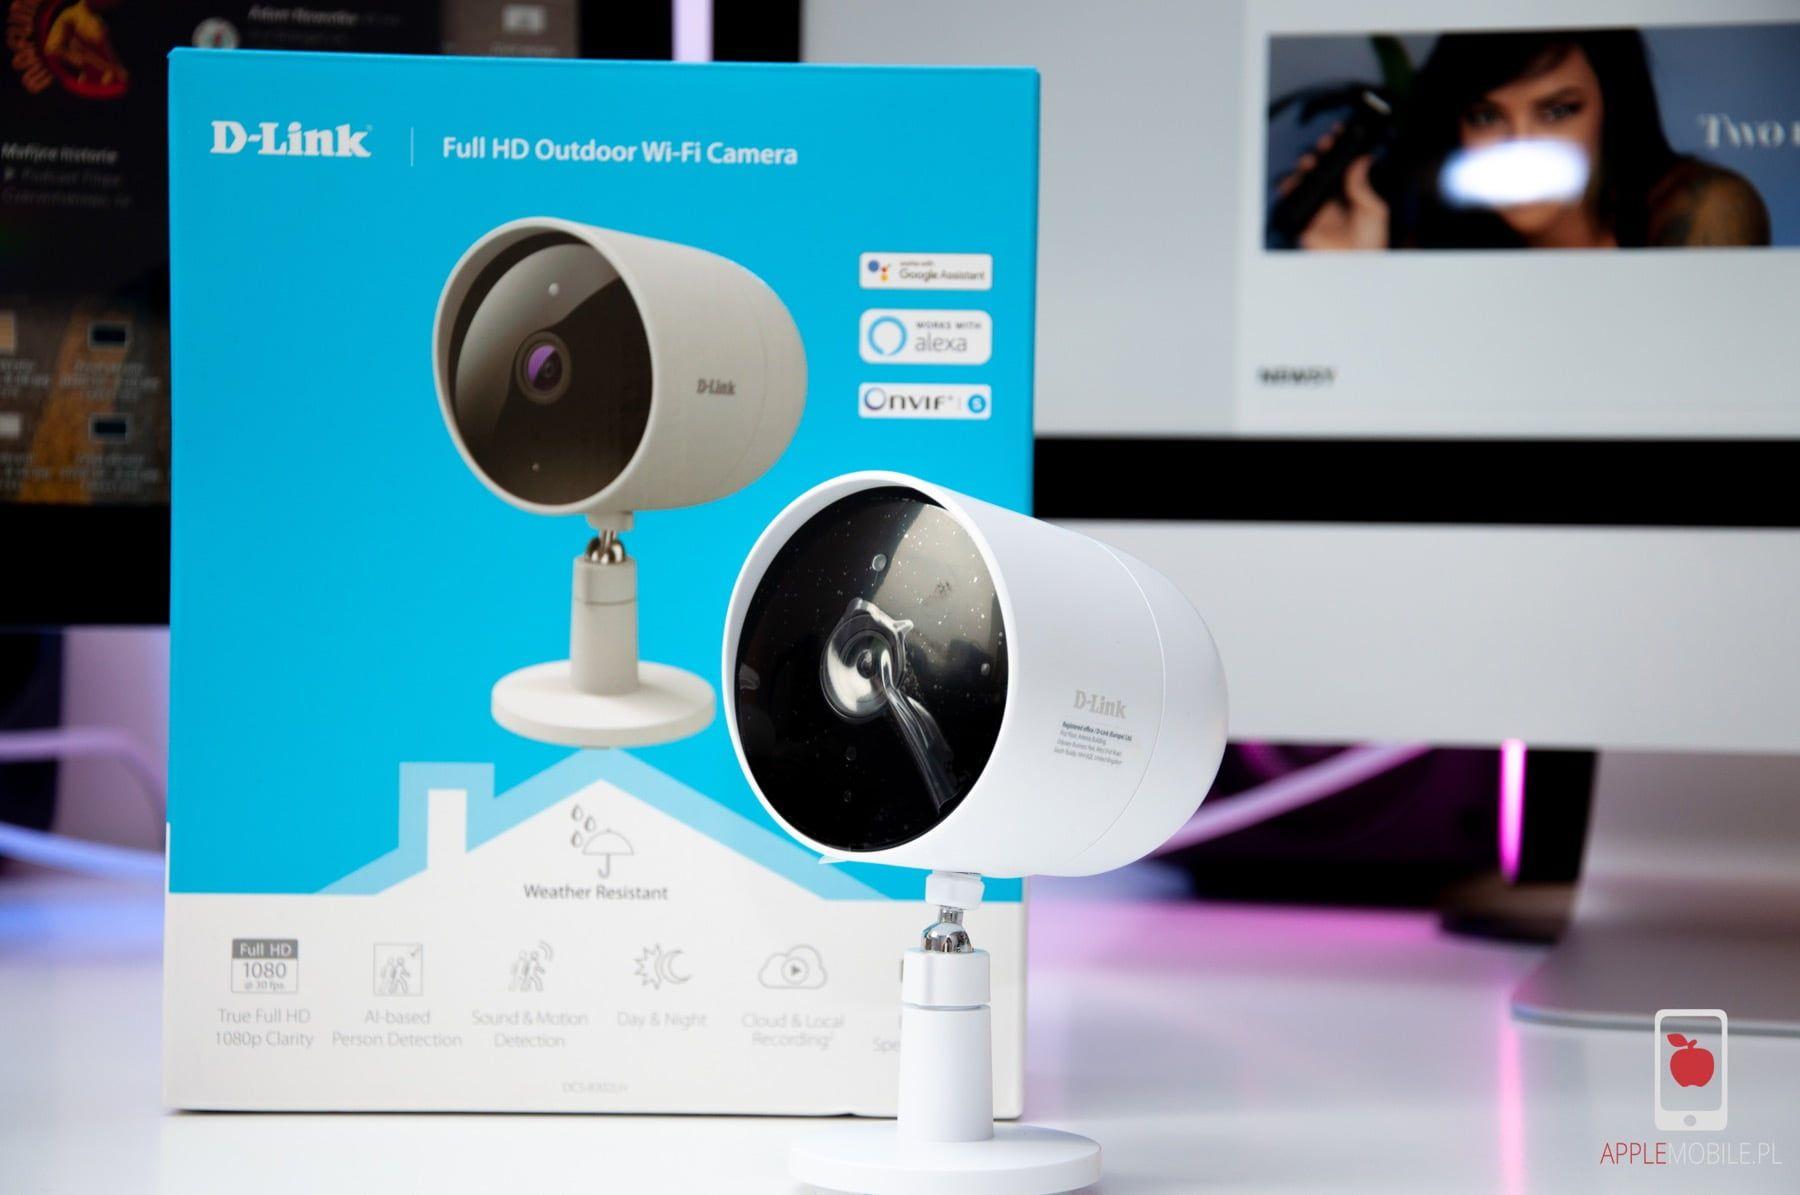 Recenzja D-LINK Full HD Outdoor Wi-Fi Camera DCS-8302LH | kamera zewnętrzna z bezpłatną chmurą